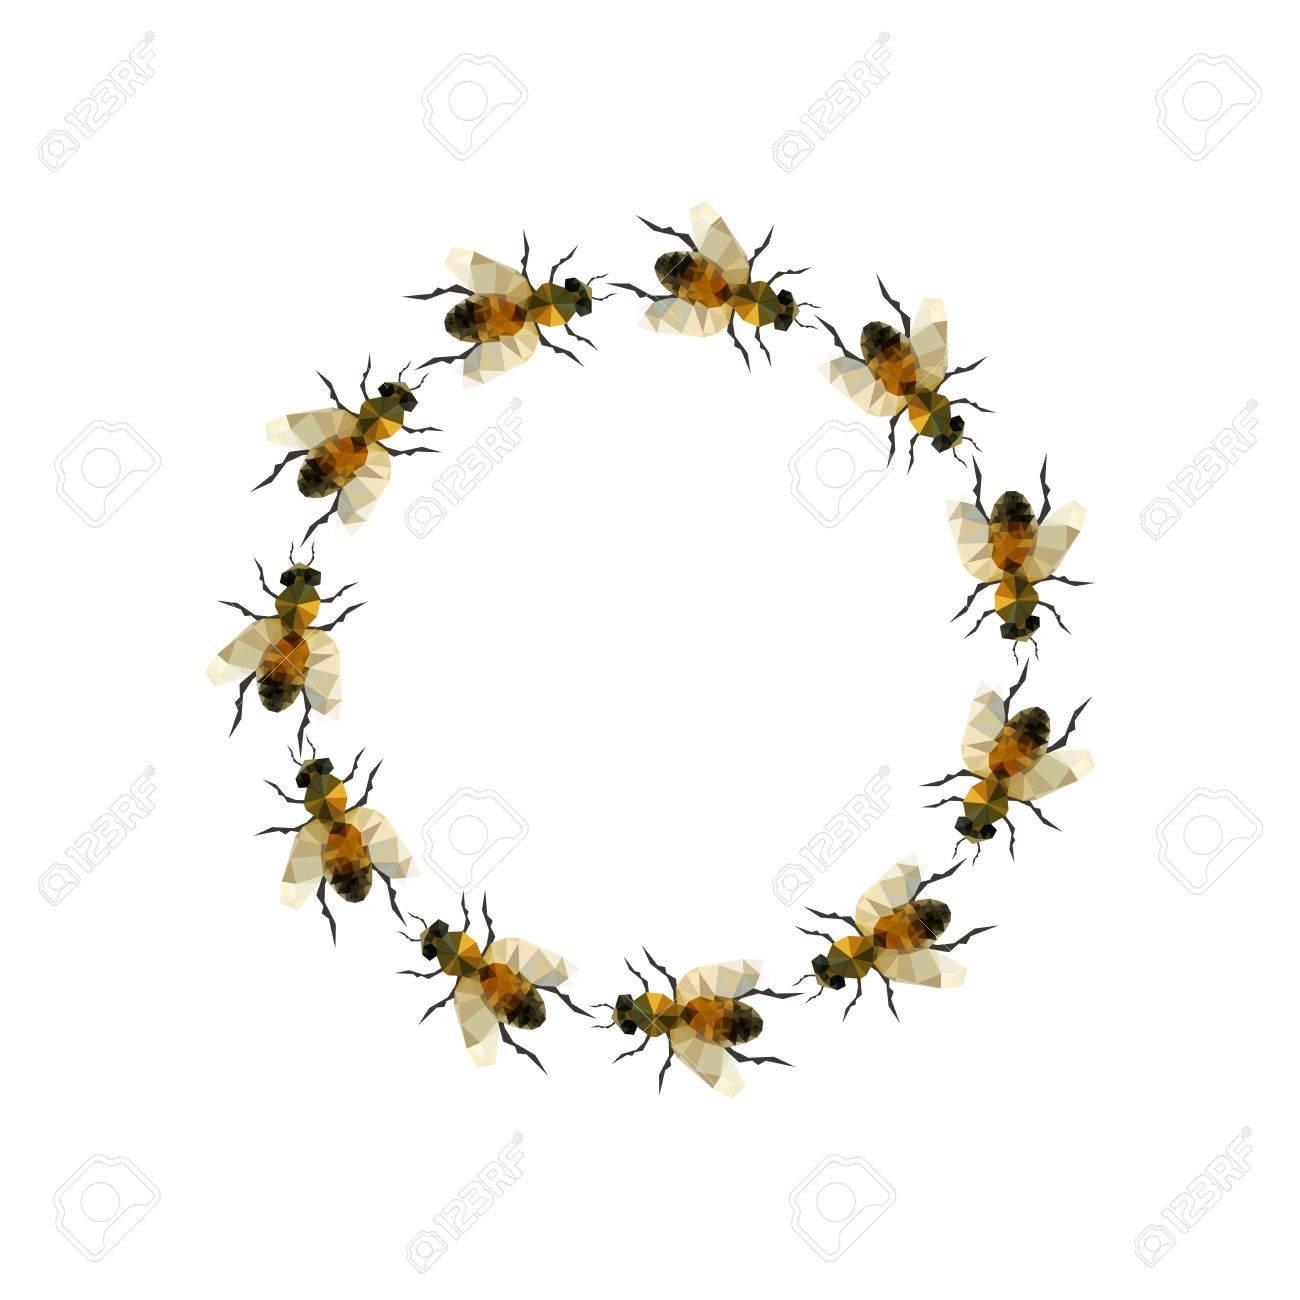 Moderne Origami Illustration Mit Einer Gruppe Von Bienen In Einem